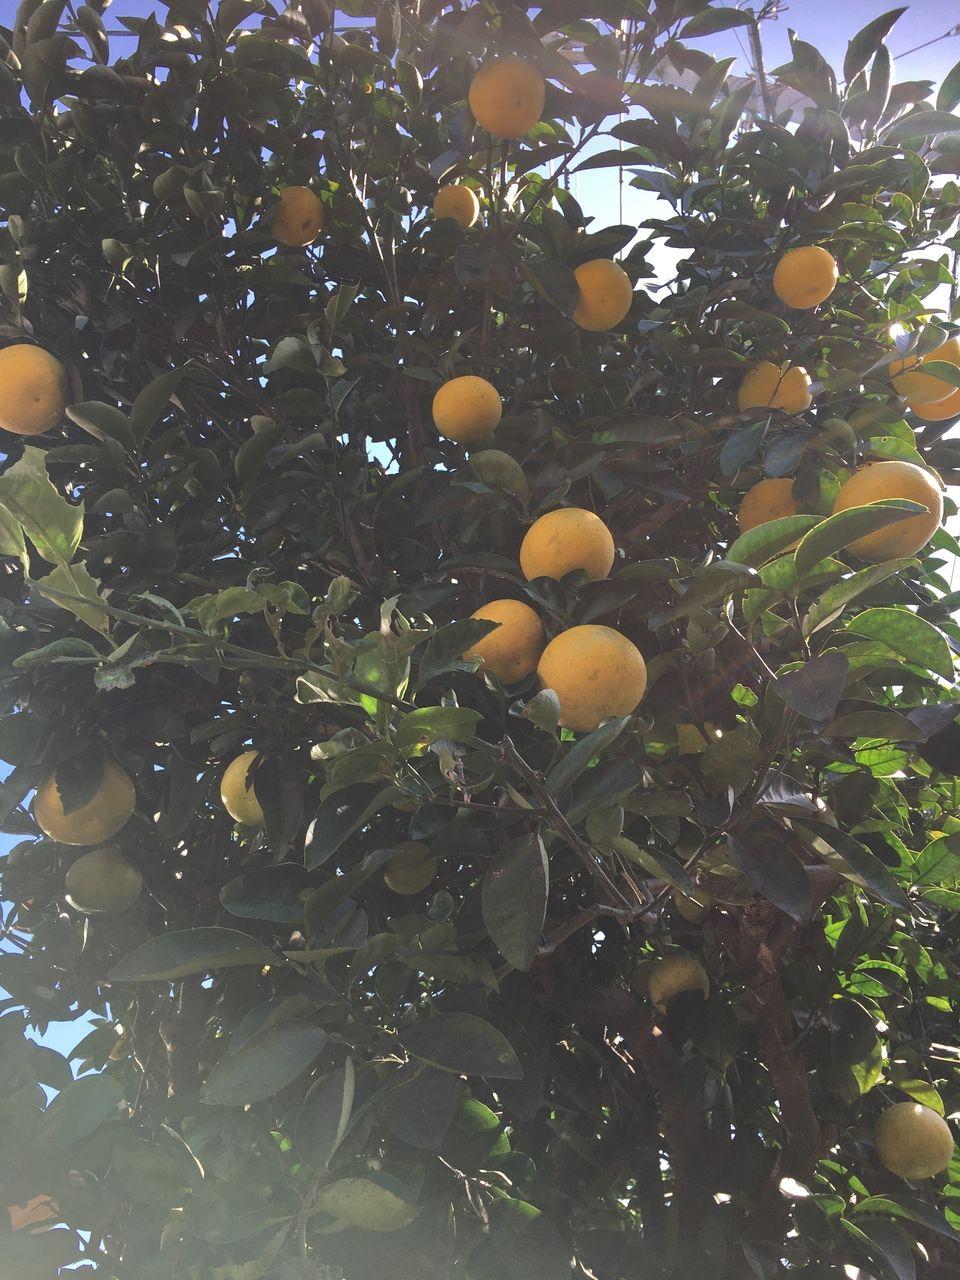 太陽の光を満身に浴びて日々大きくなる蜜柑の実